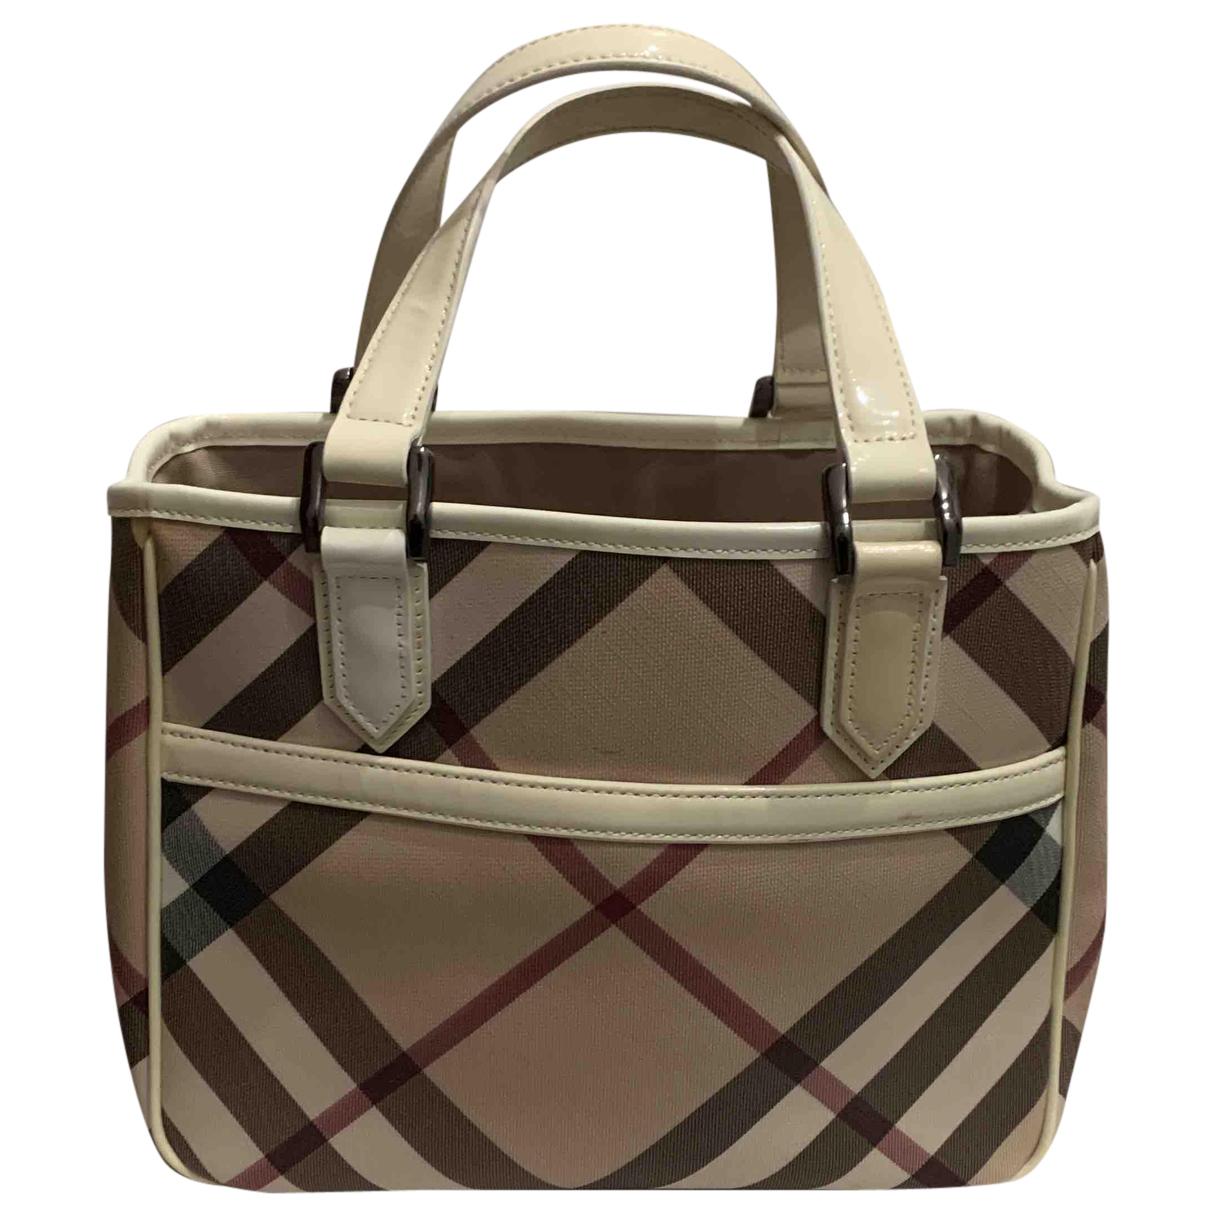 Burberry N Camel handbag for Women N